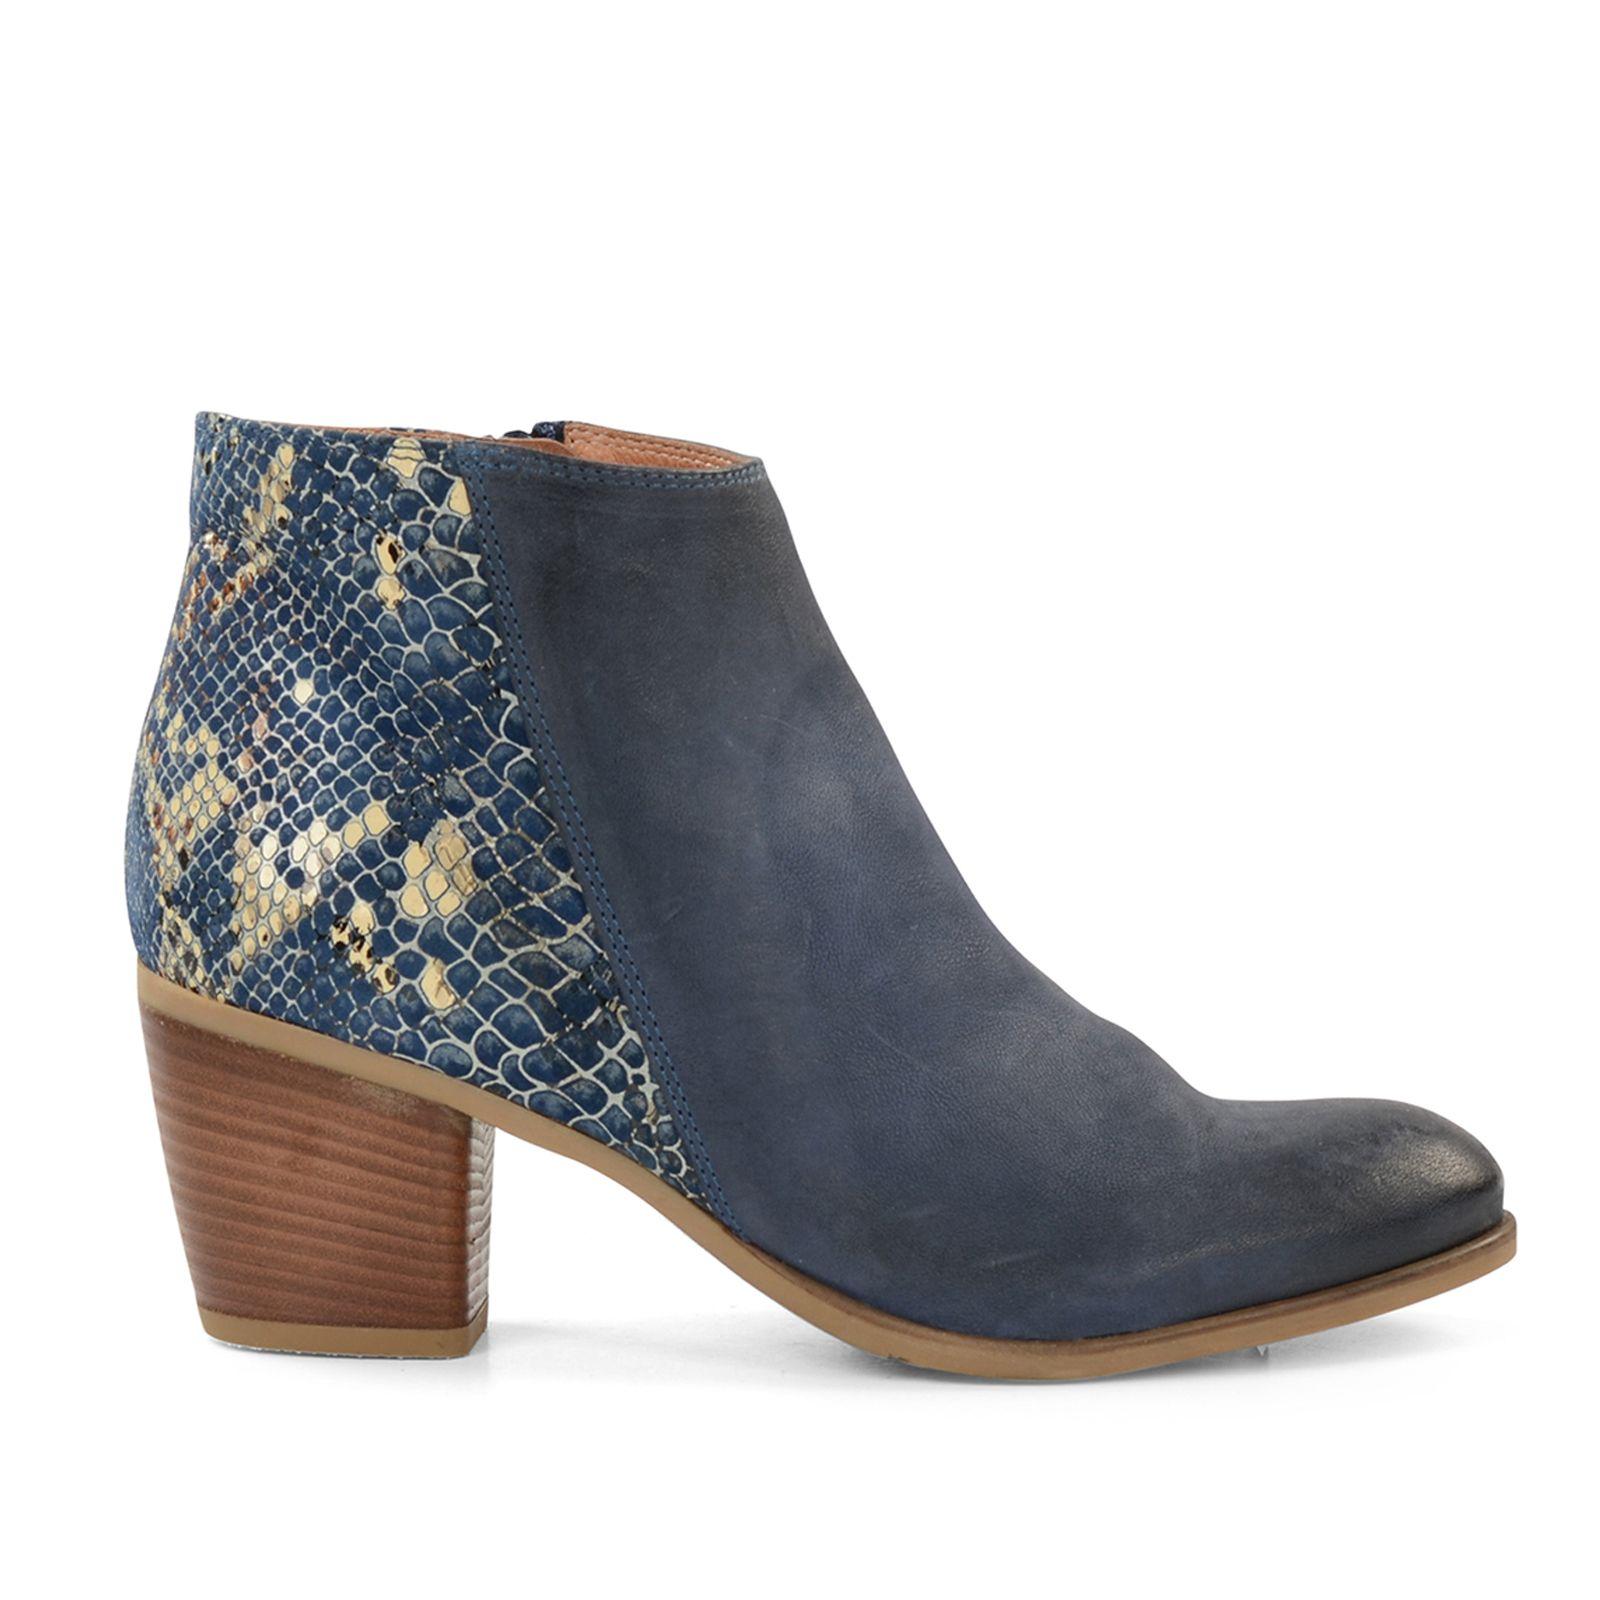 Manfield Chaussures Foncées Avec Talon Bloc Pour Les Femmes oR3Rmf7ddN